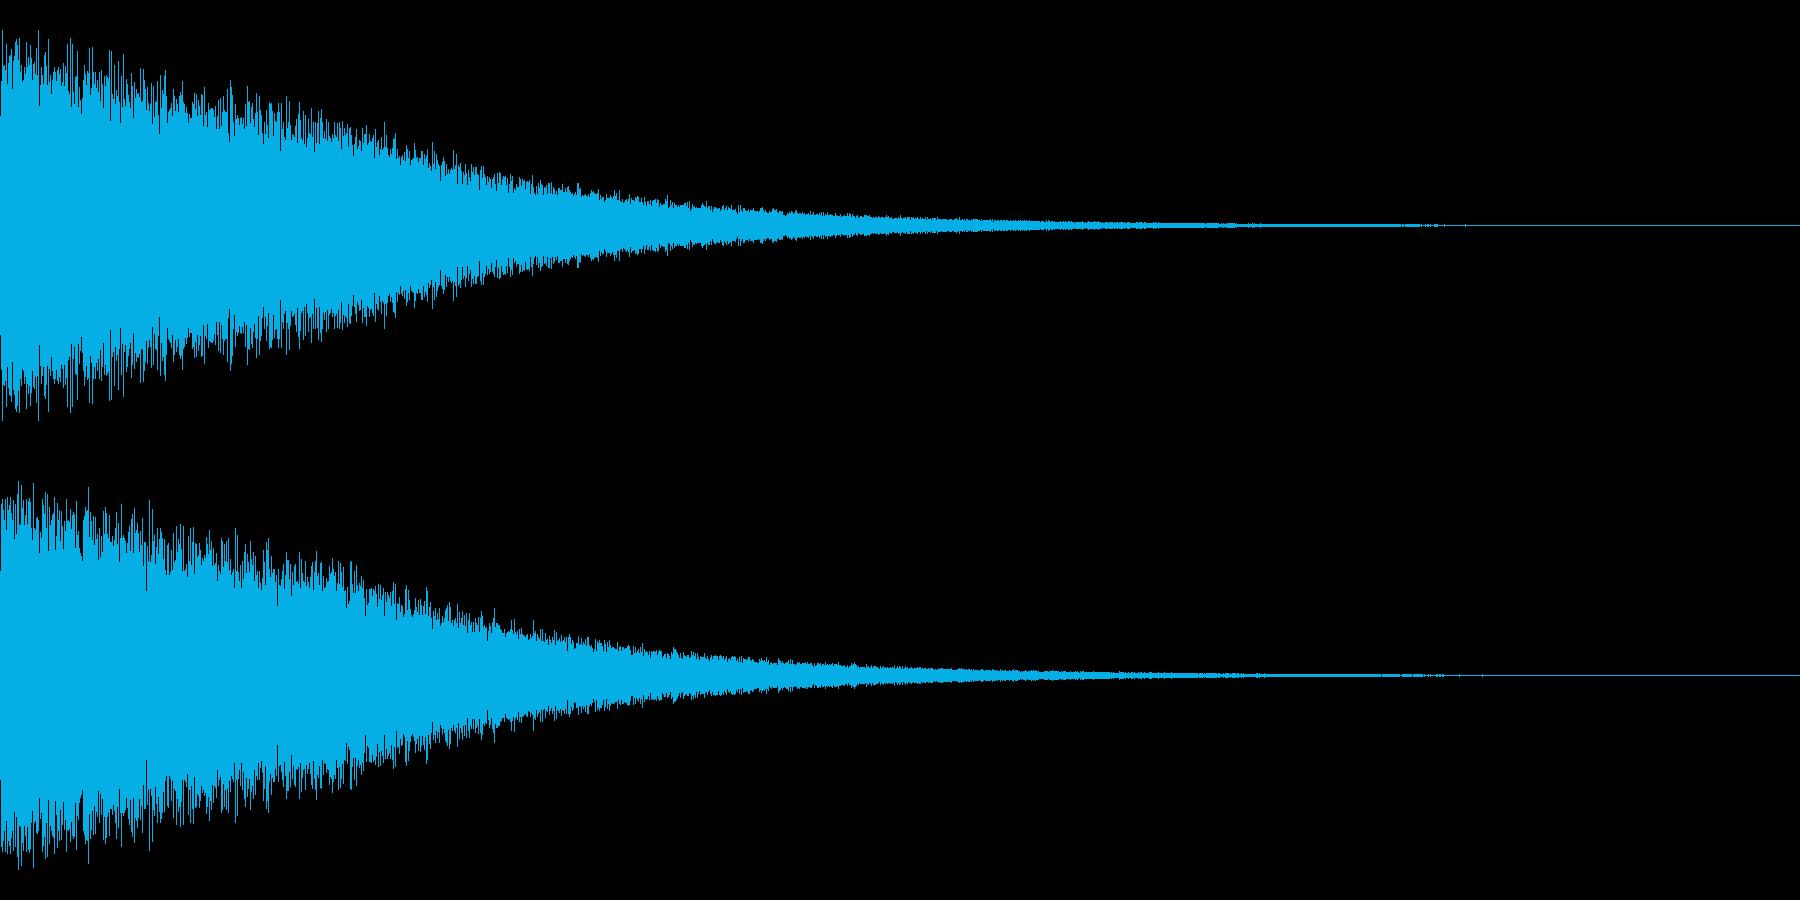 ピーーーーーーーーーン(ベル)の再生済みの波形